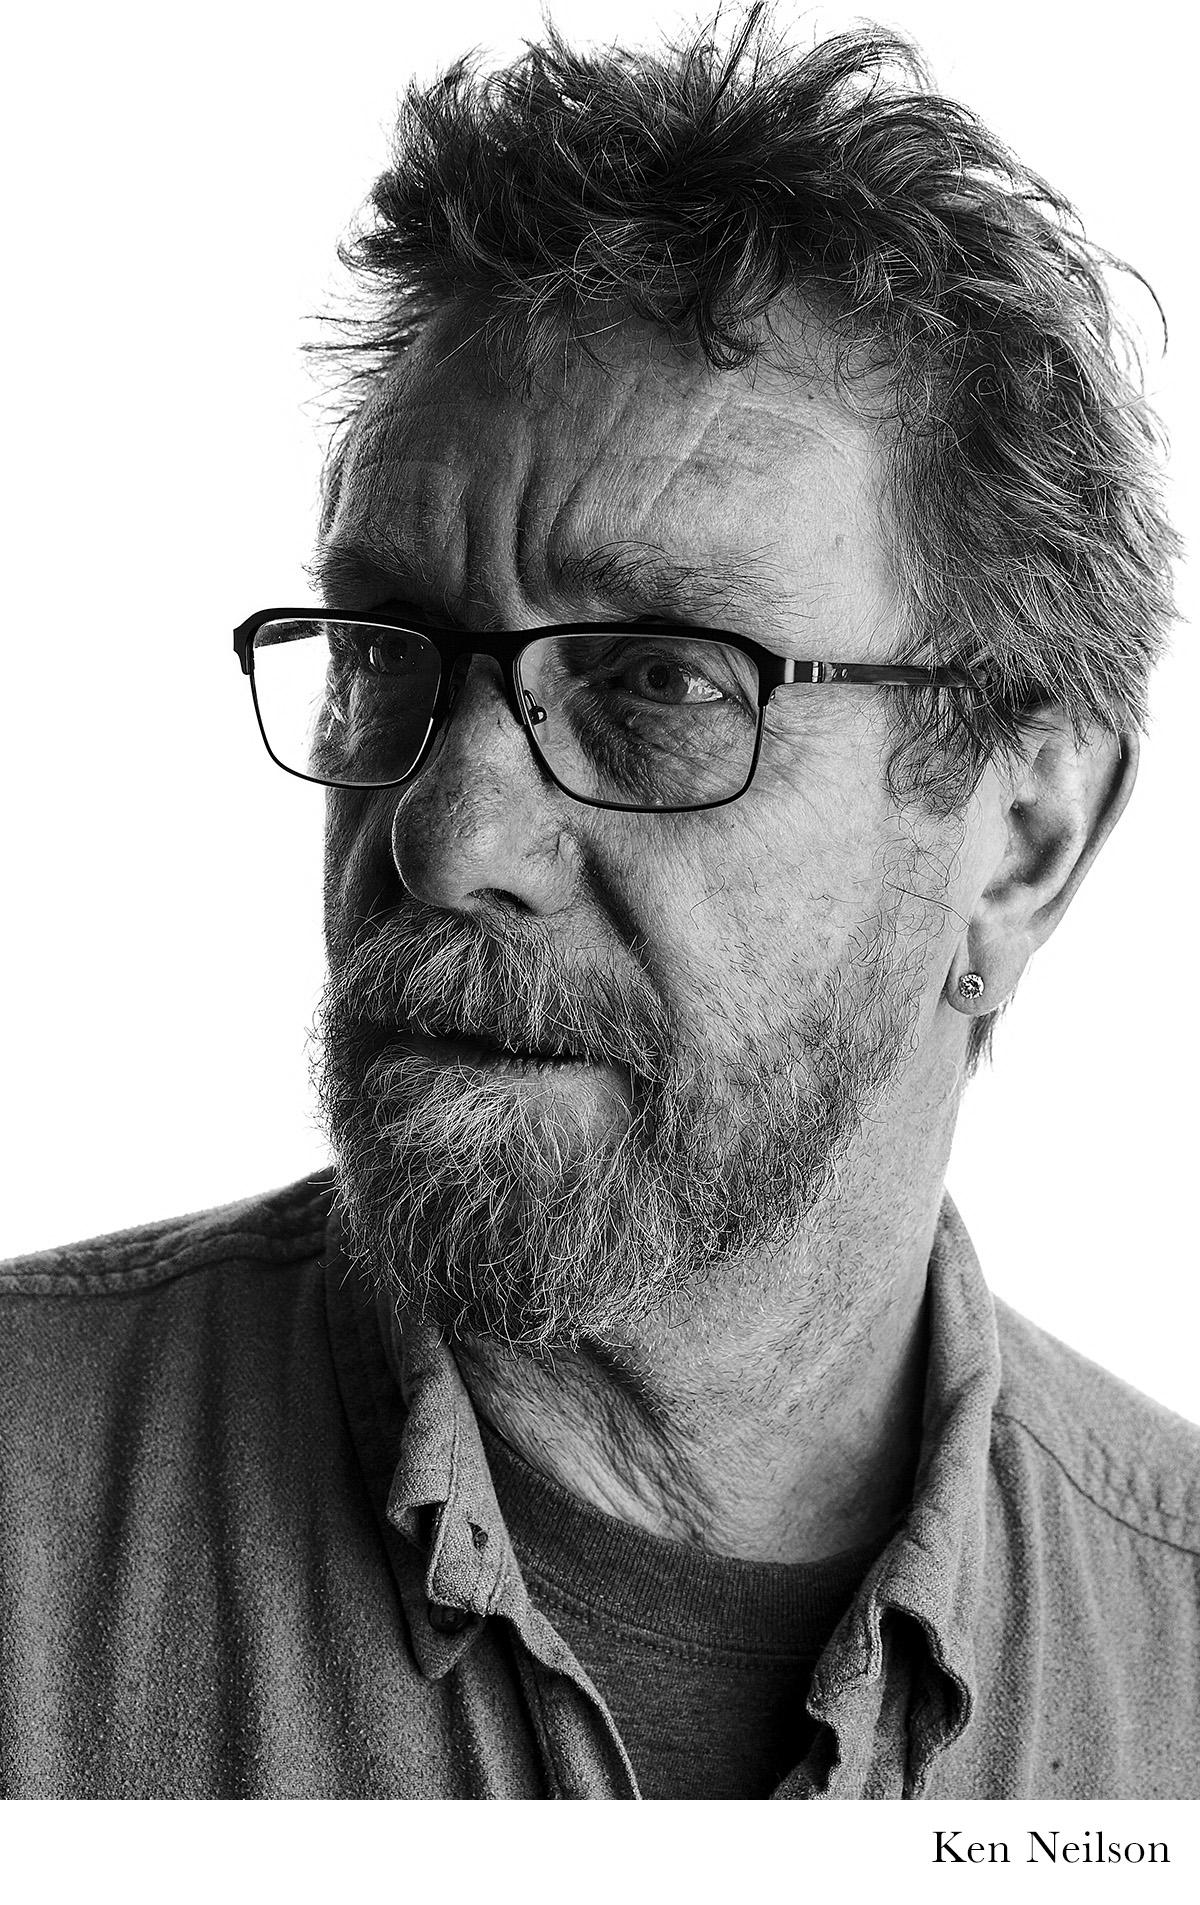 Ken Neilson